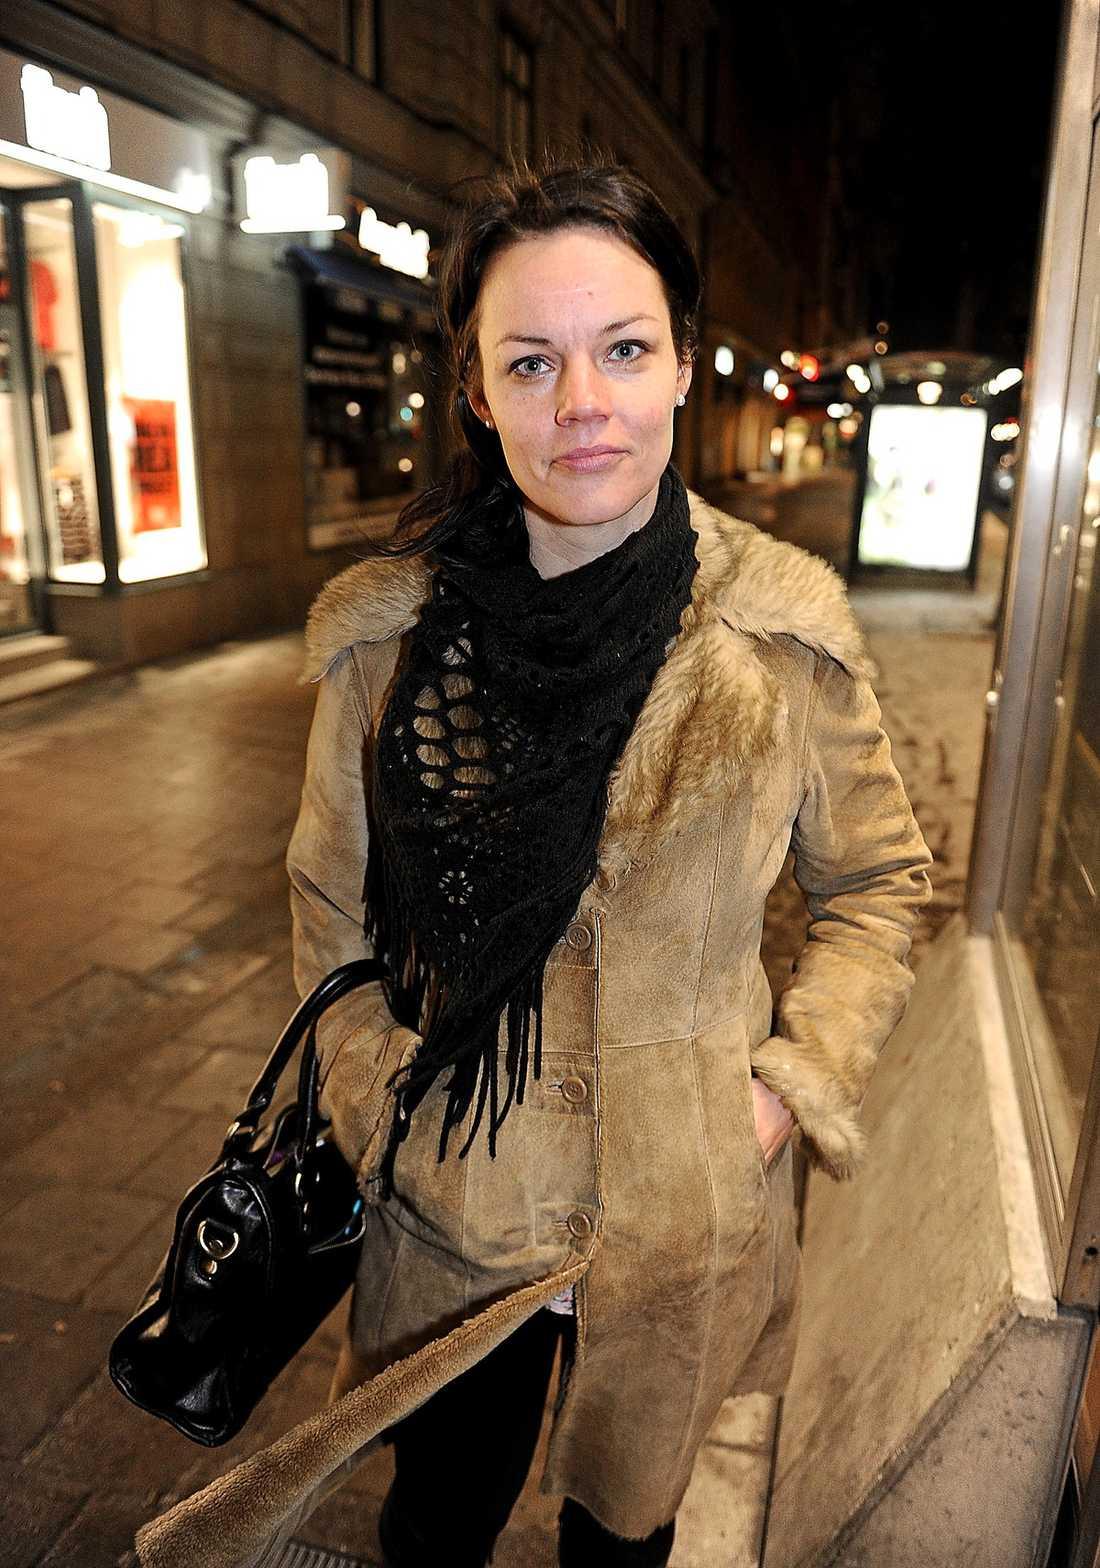 Veronica Palm, 38, riksdagsledamot och bostadspolitisk talesperson, ordförande för S i Stockholms stad: Tillhör det klassiska vänsterfästet i Stockholms stad. För långt ut på vänsterkanten för att kunna accepteras som partiledarkandidat av högerfalangen.